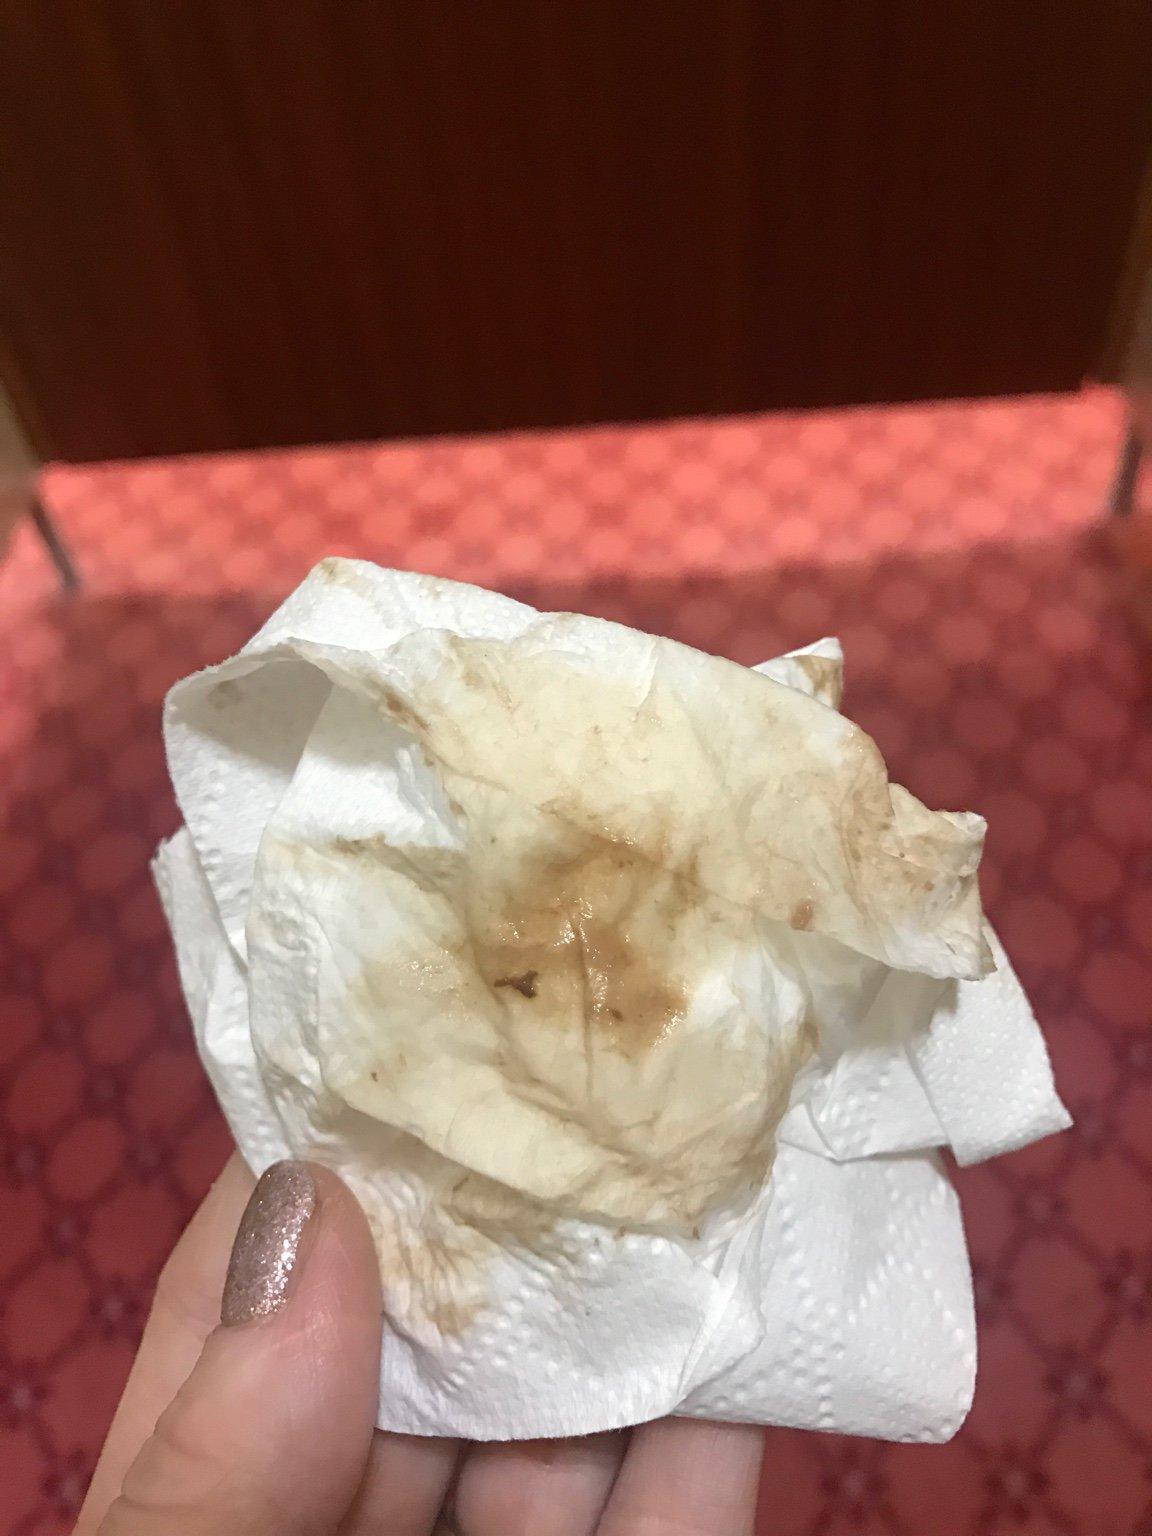 Brown discharge 36 weeks | Netmums